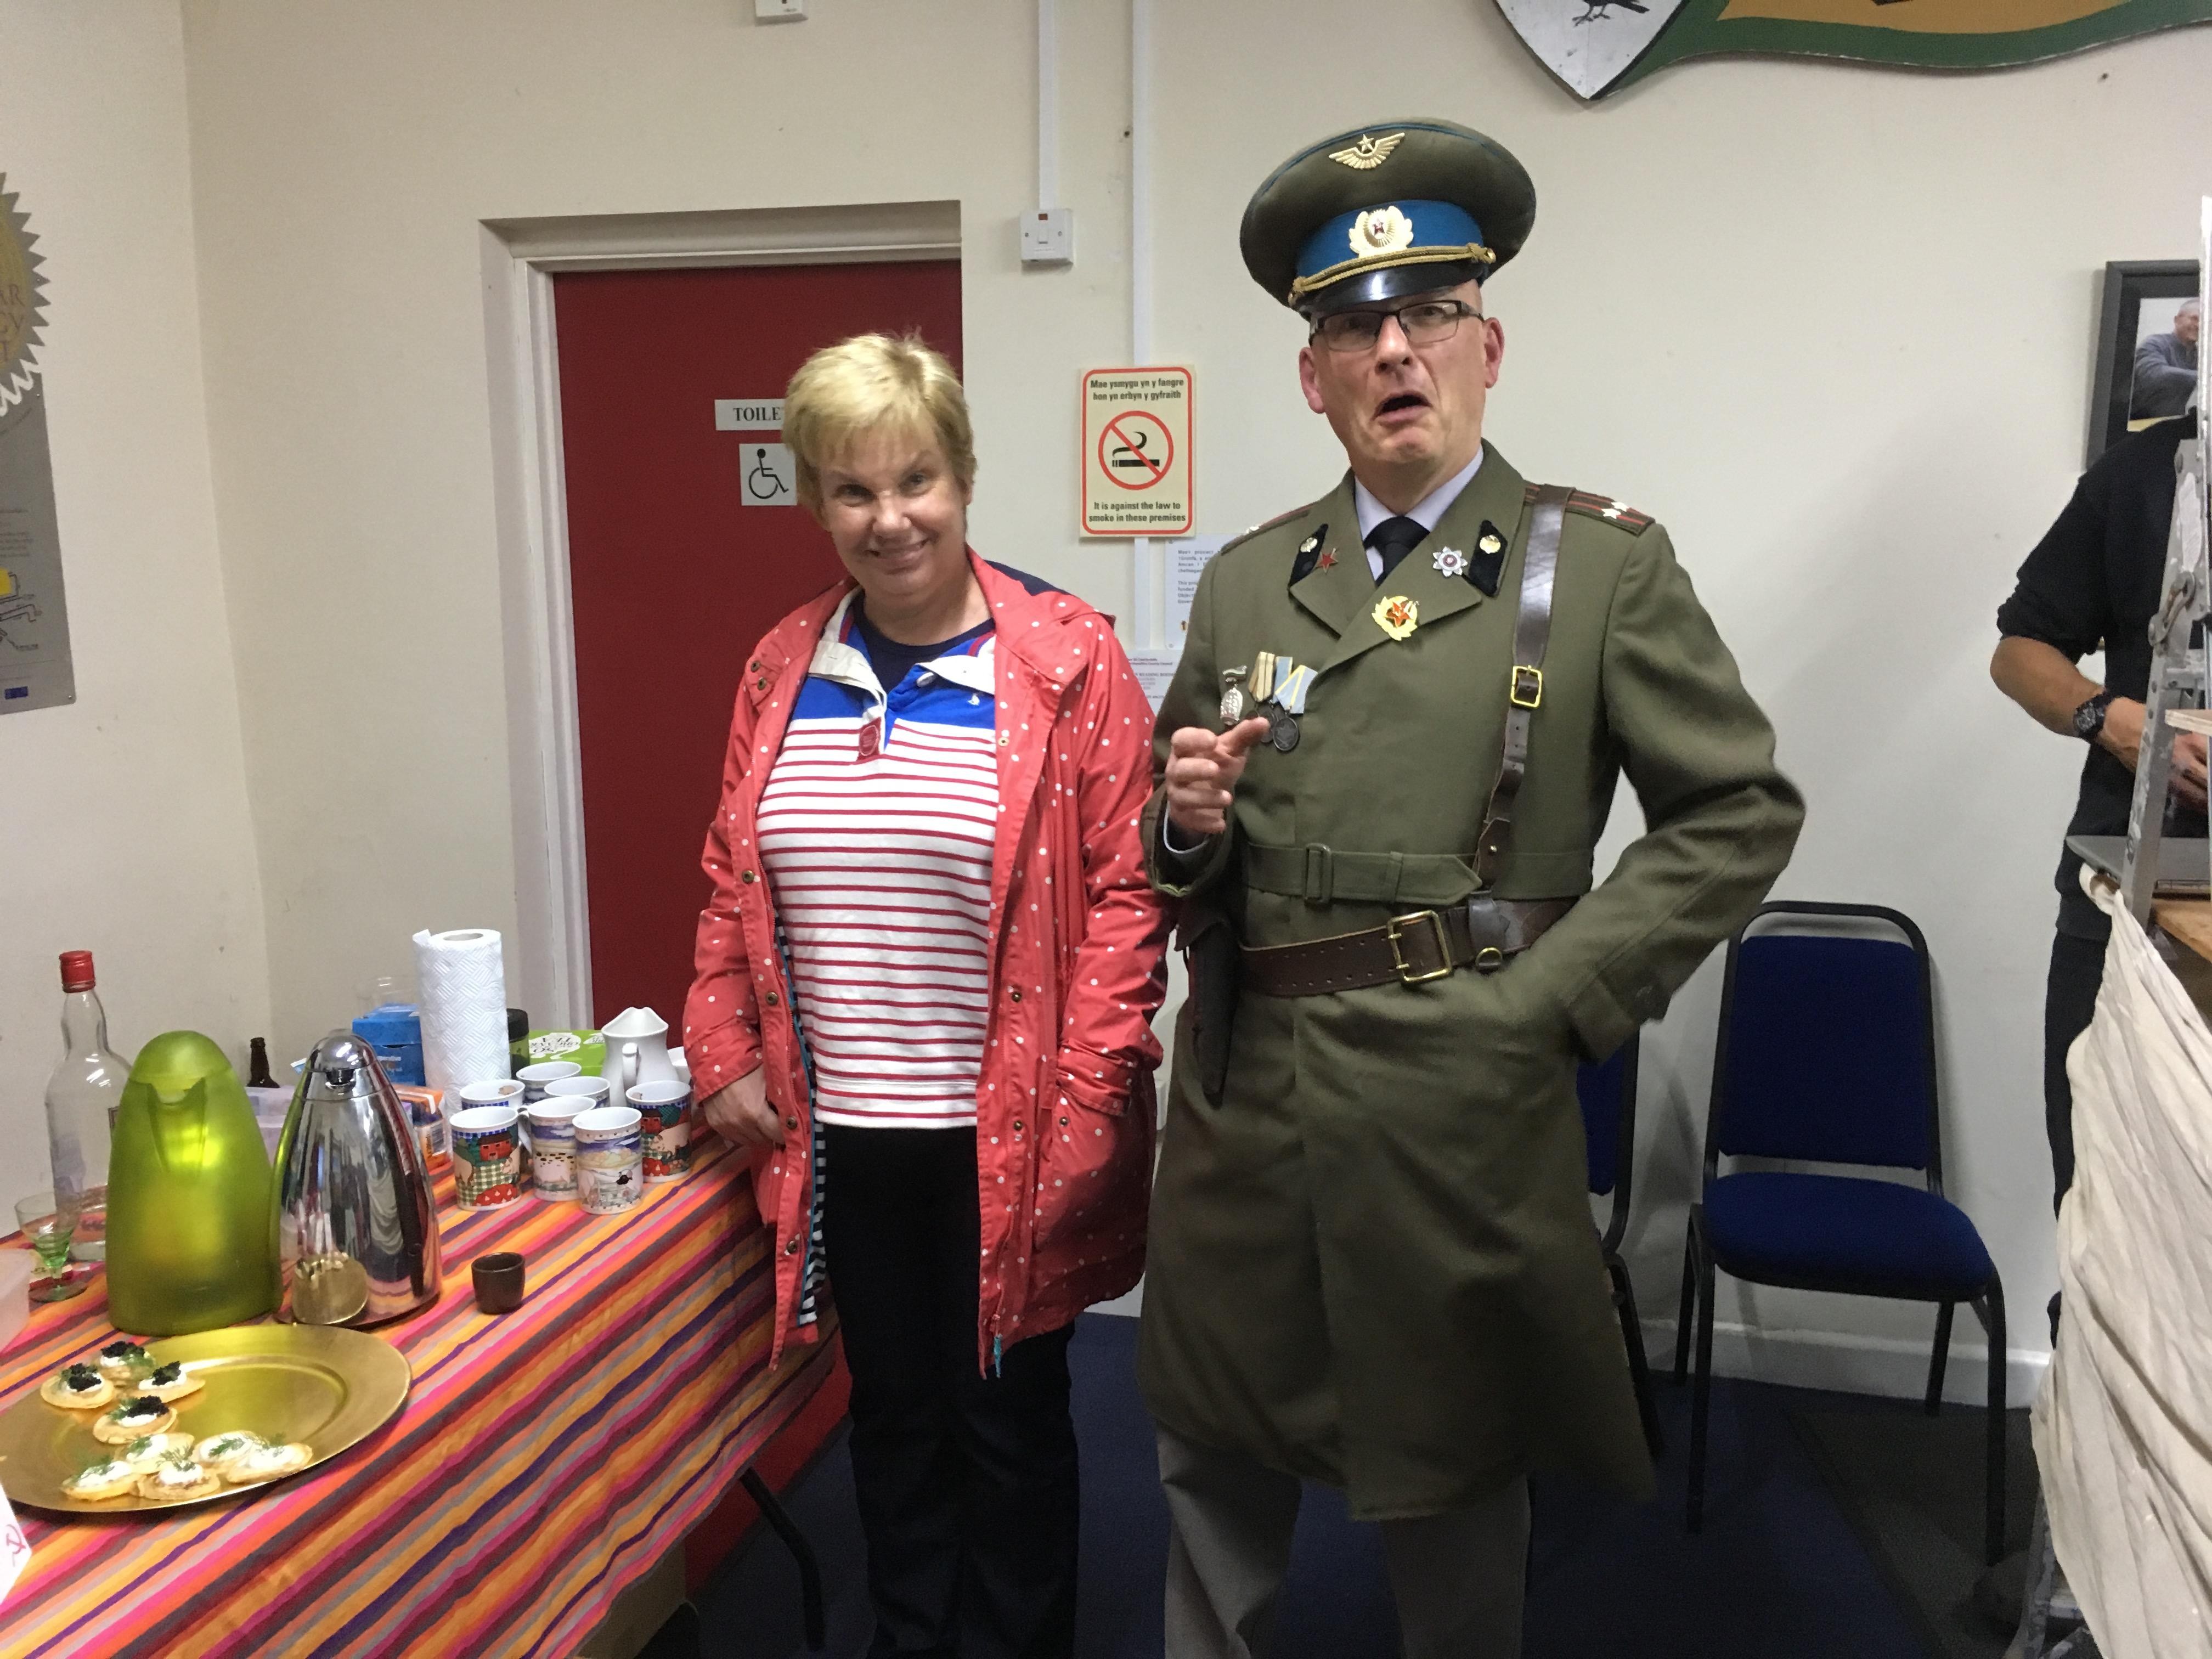 Owen dressed up for Sinema Sadwrn's Death of Stalin